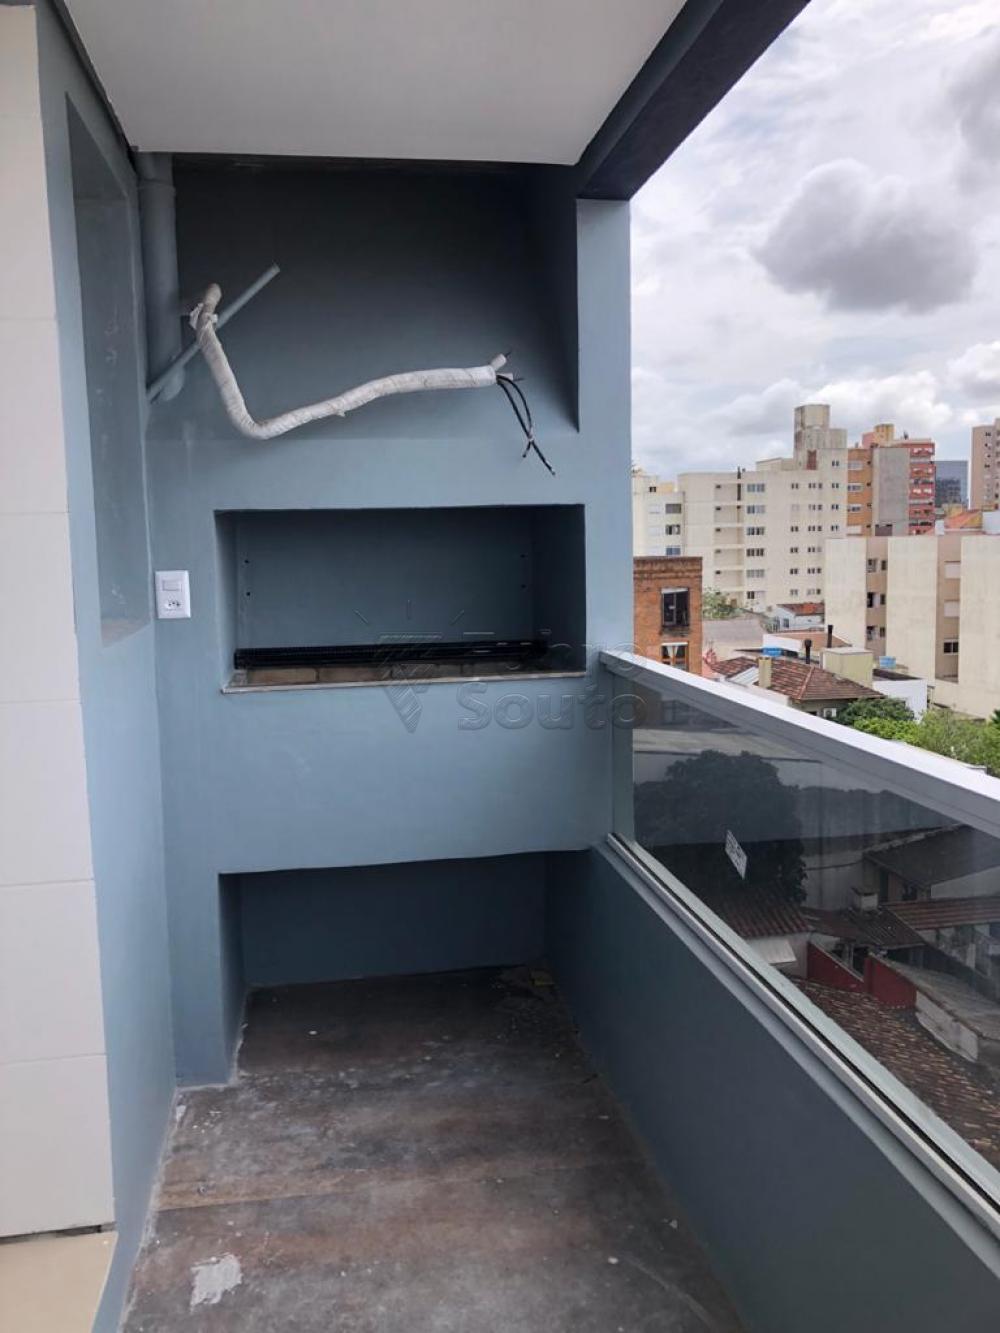 Comprar Apartamento / Loft / Studio em Pelotas R$ 185.500,00 - Foto 10